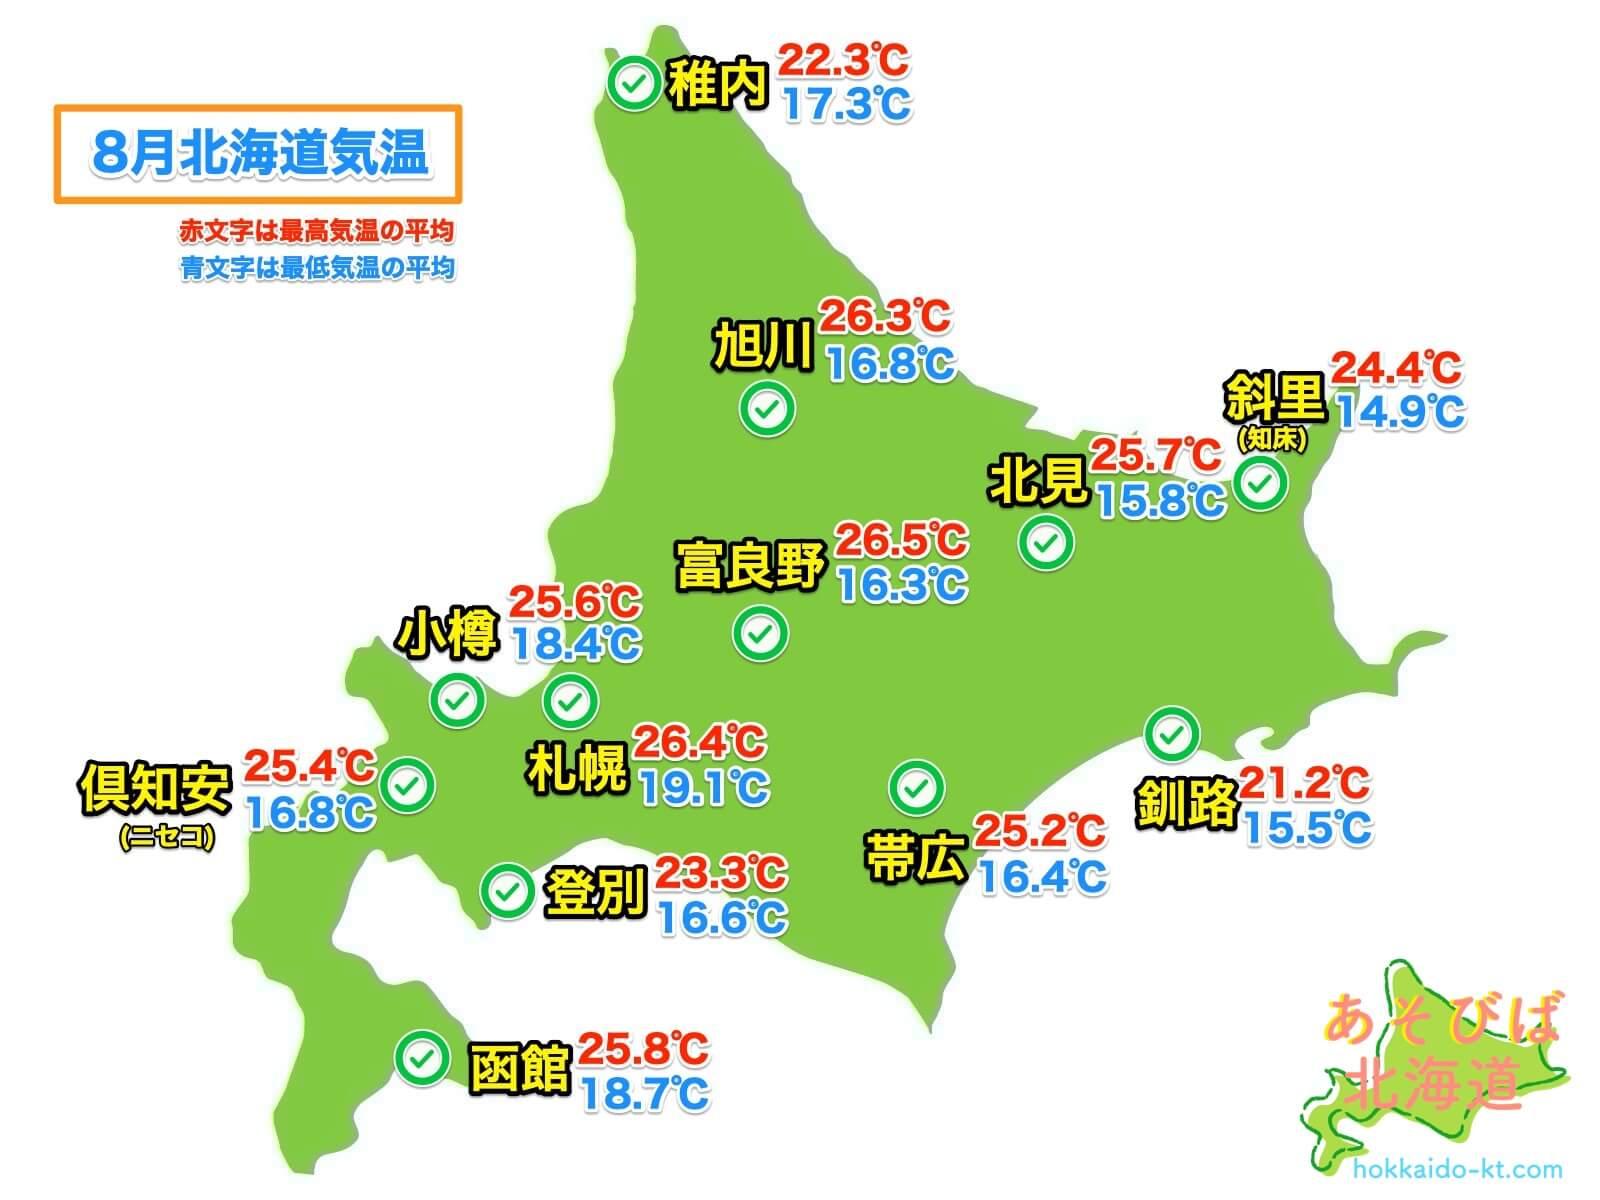 8月の北海道各地の気温